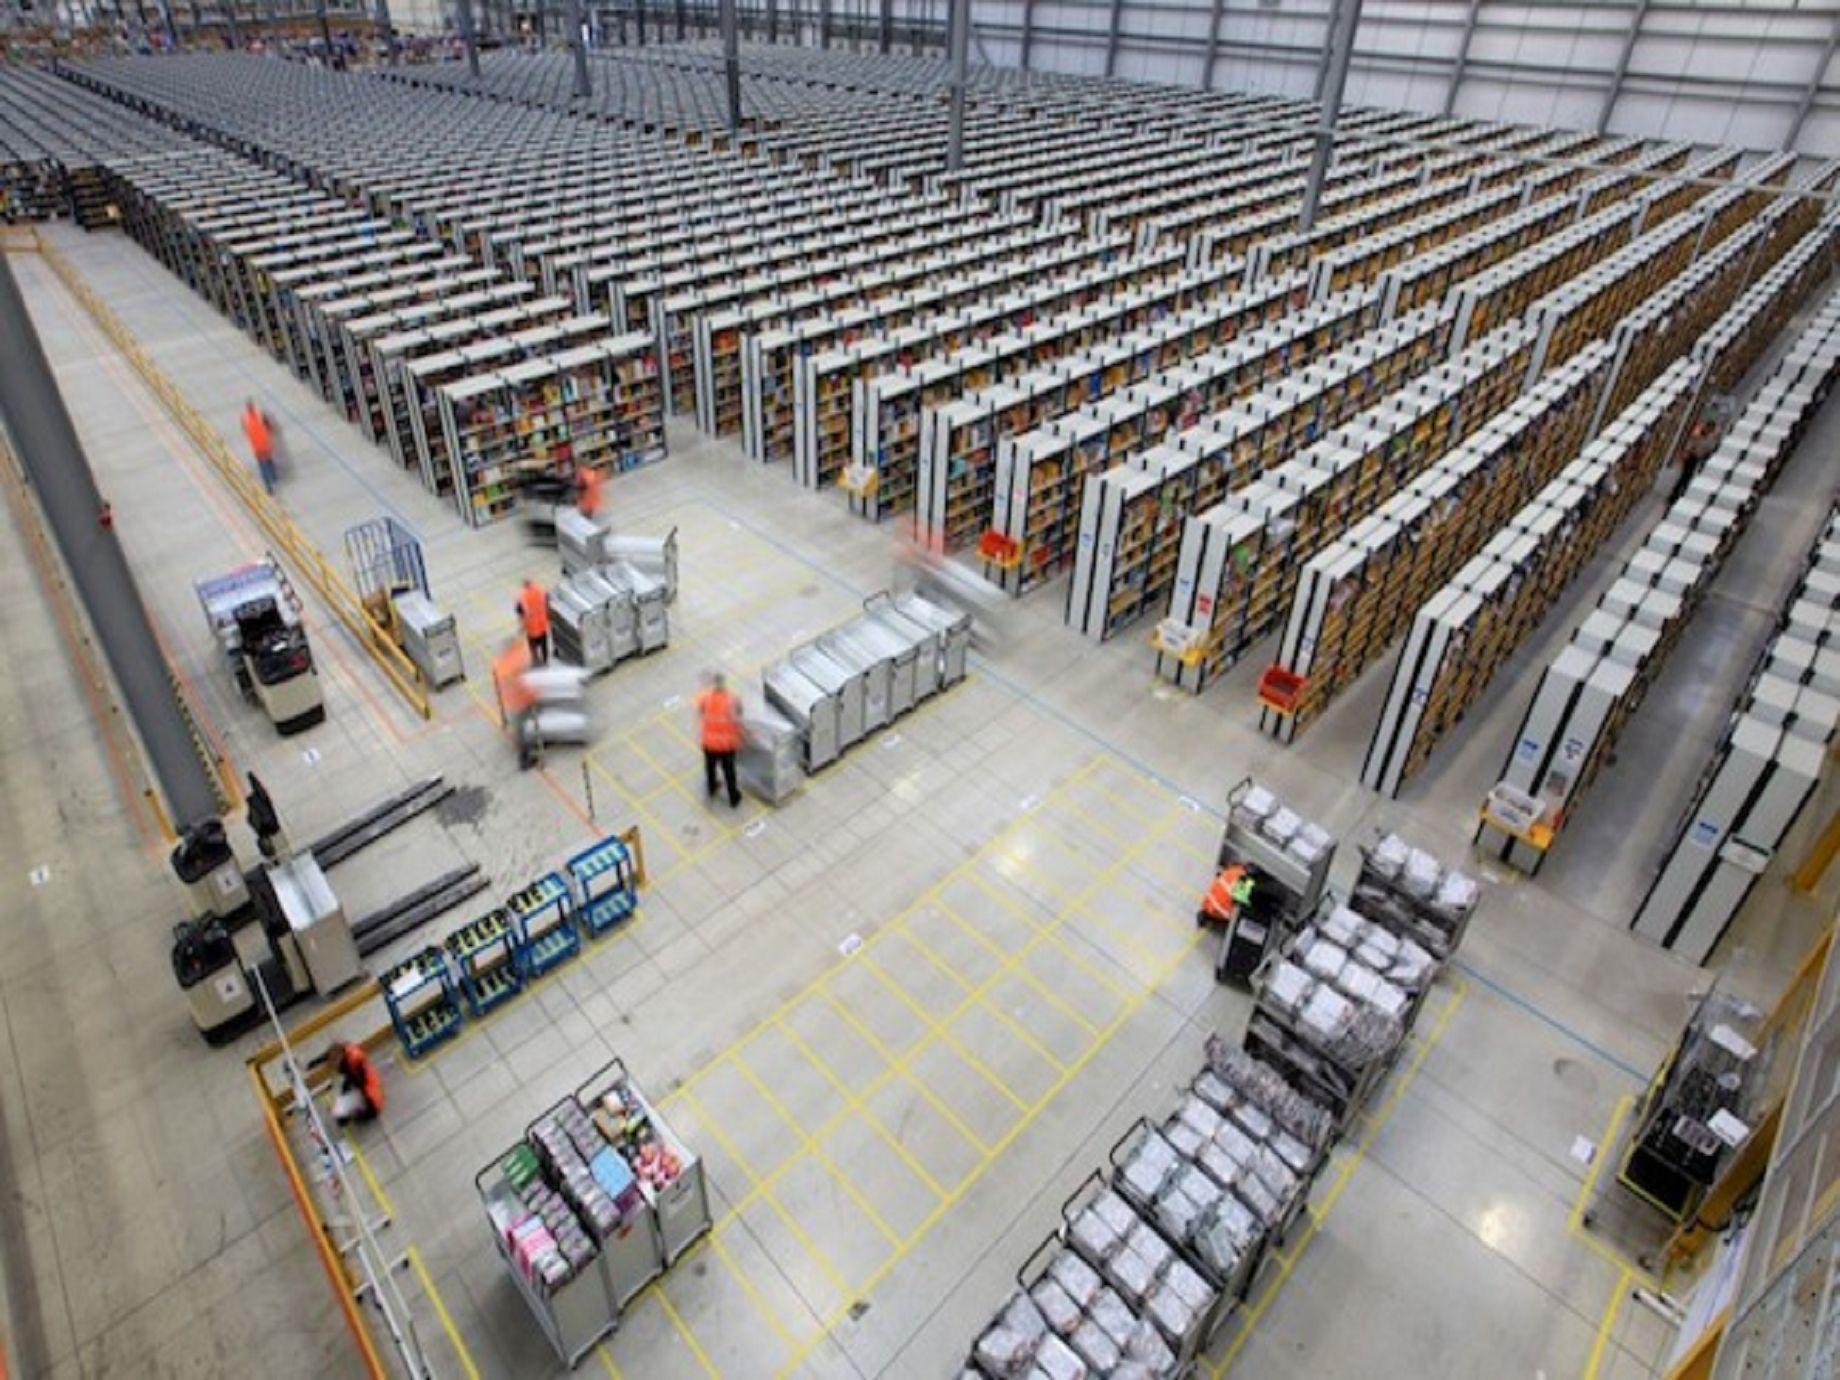 如何選對倉儲系統?分析亞馬遜倉儲和自行出貨的利與弊